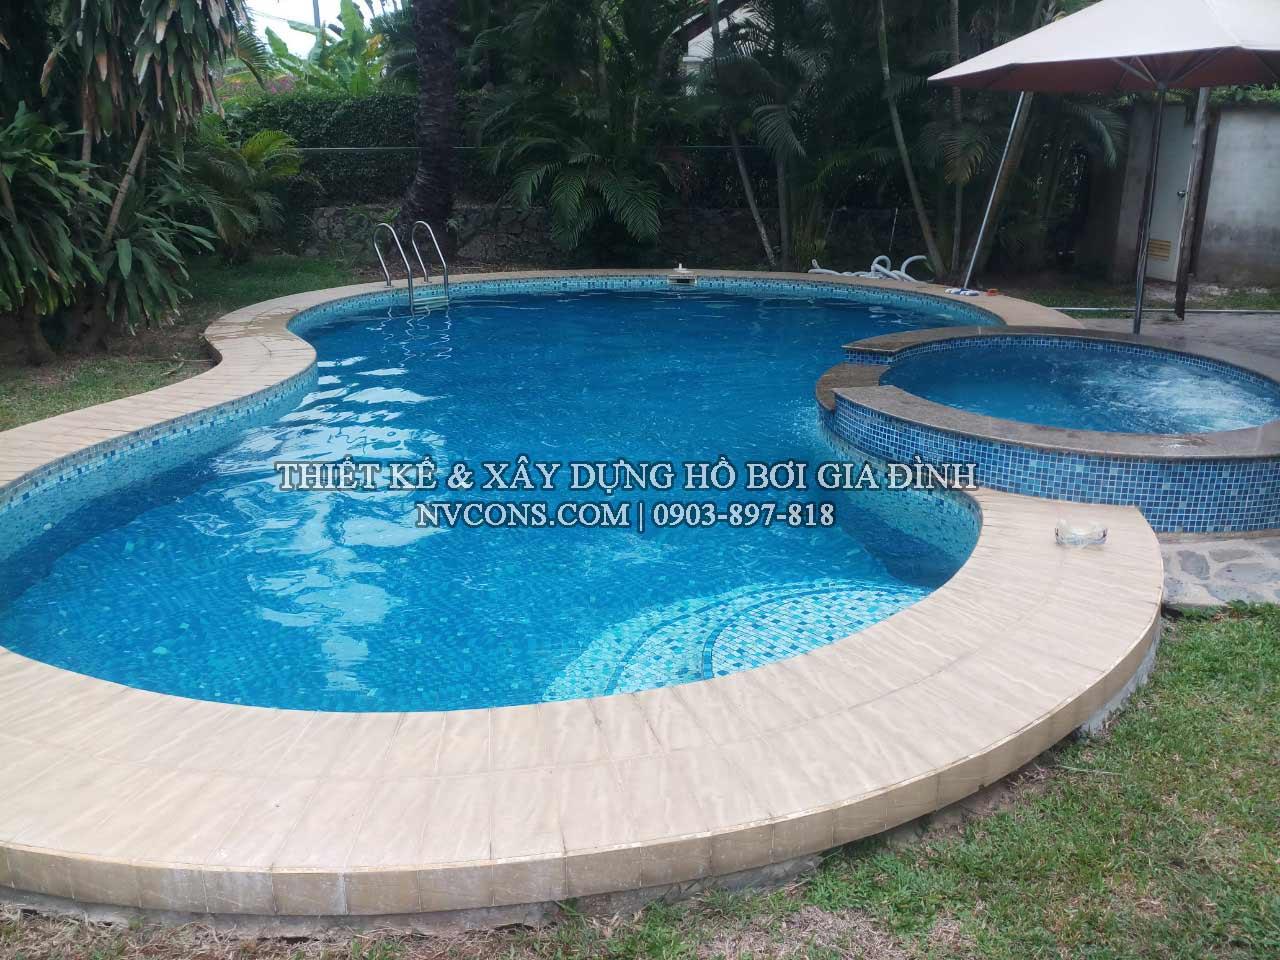 Công ty thiết kế bể bơi gia đình